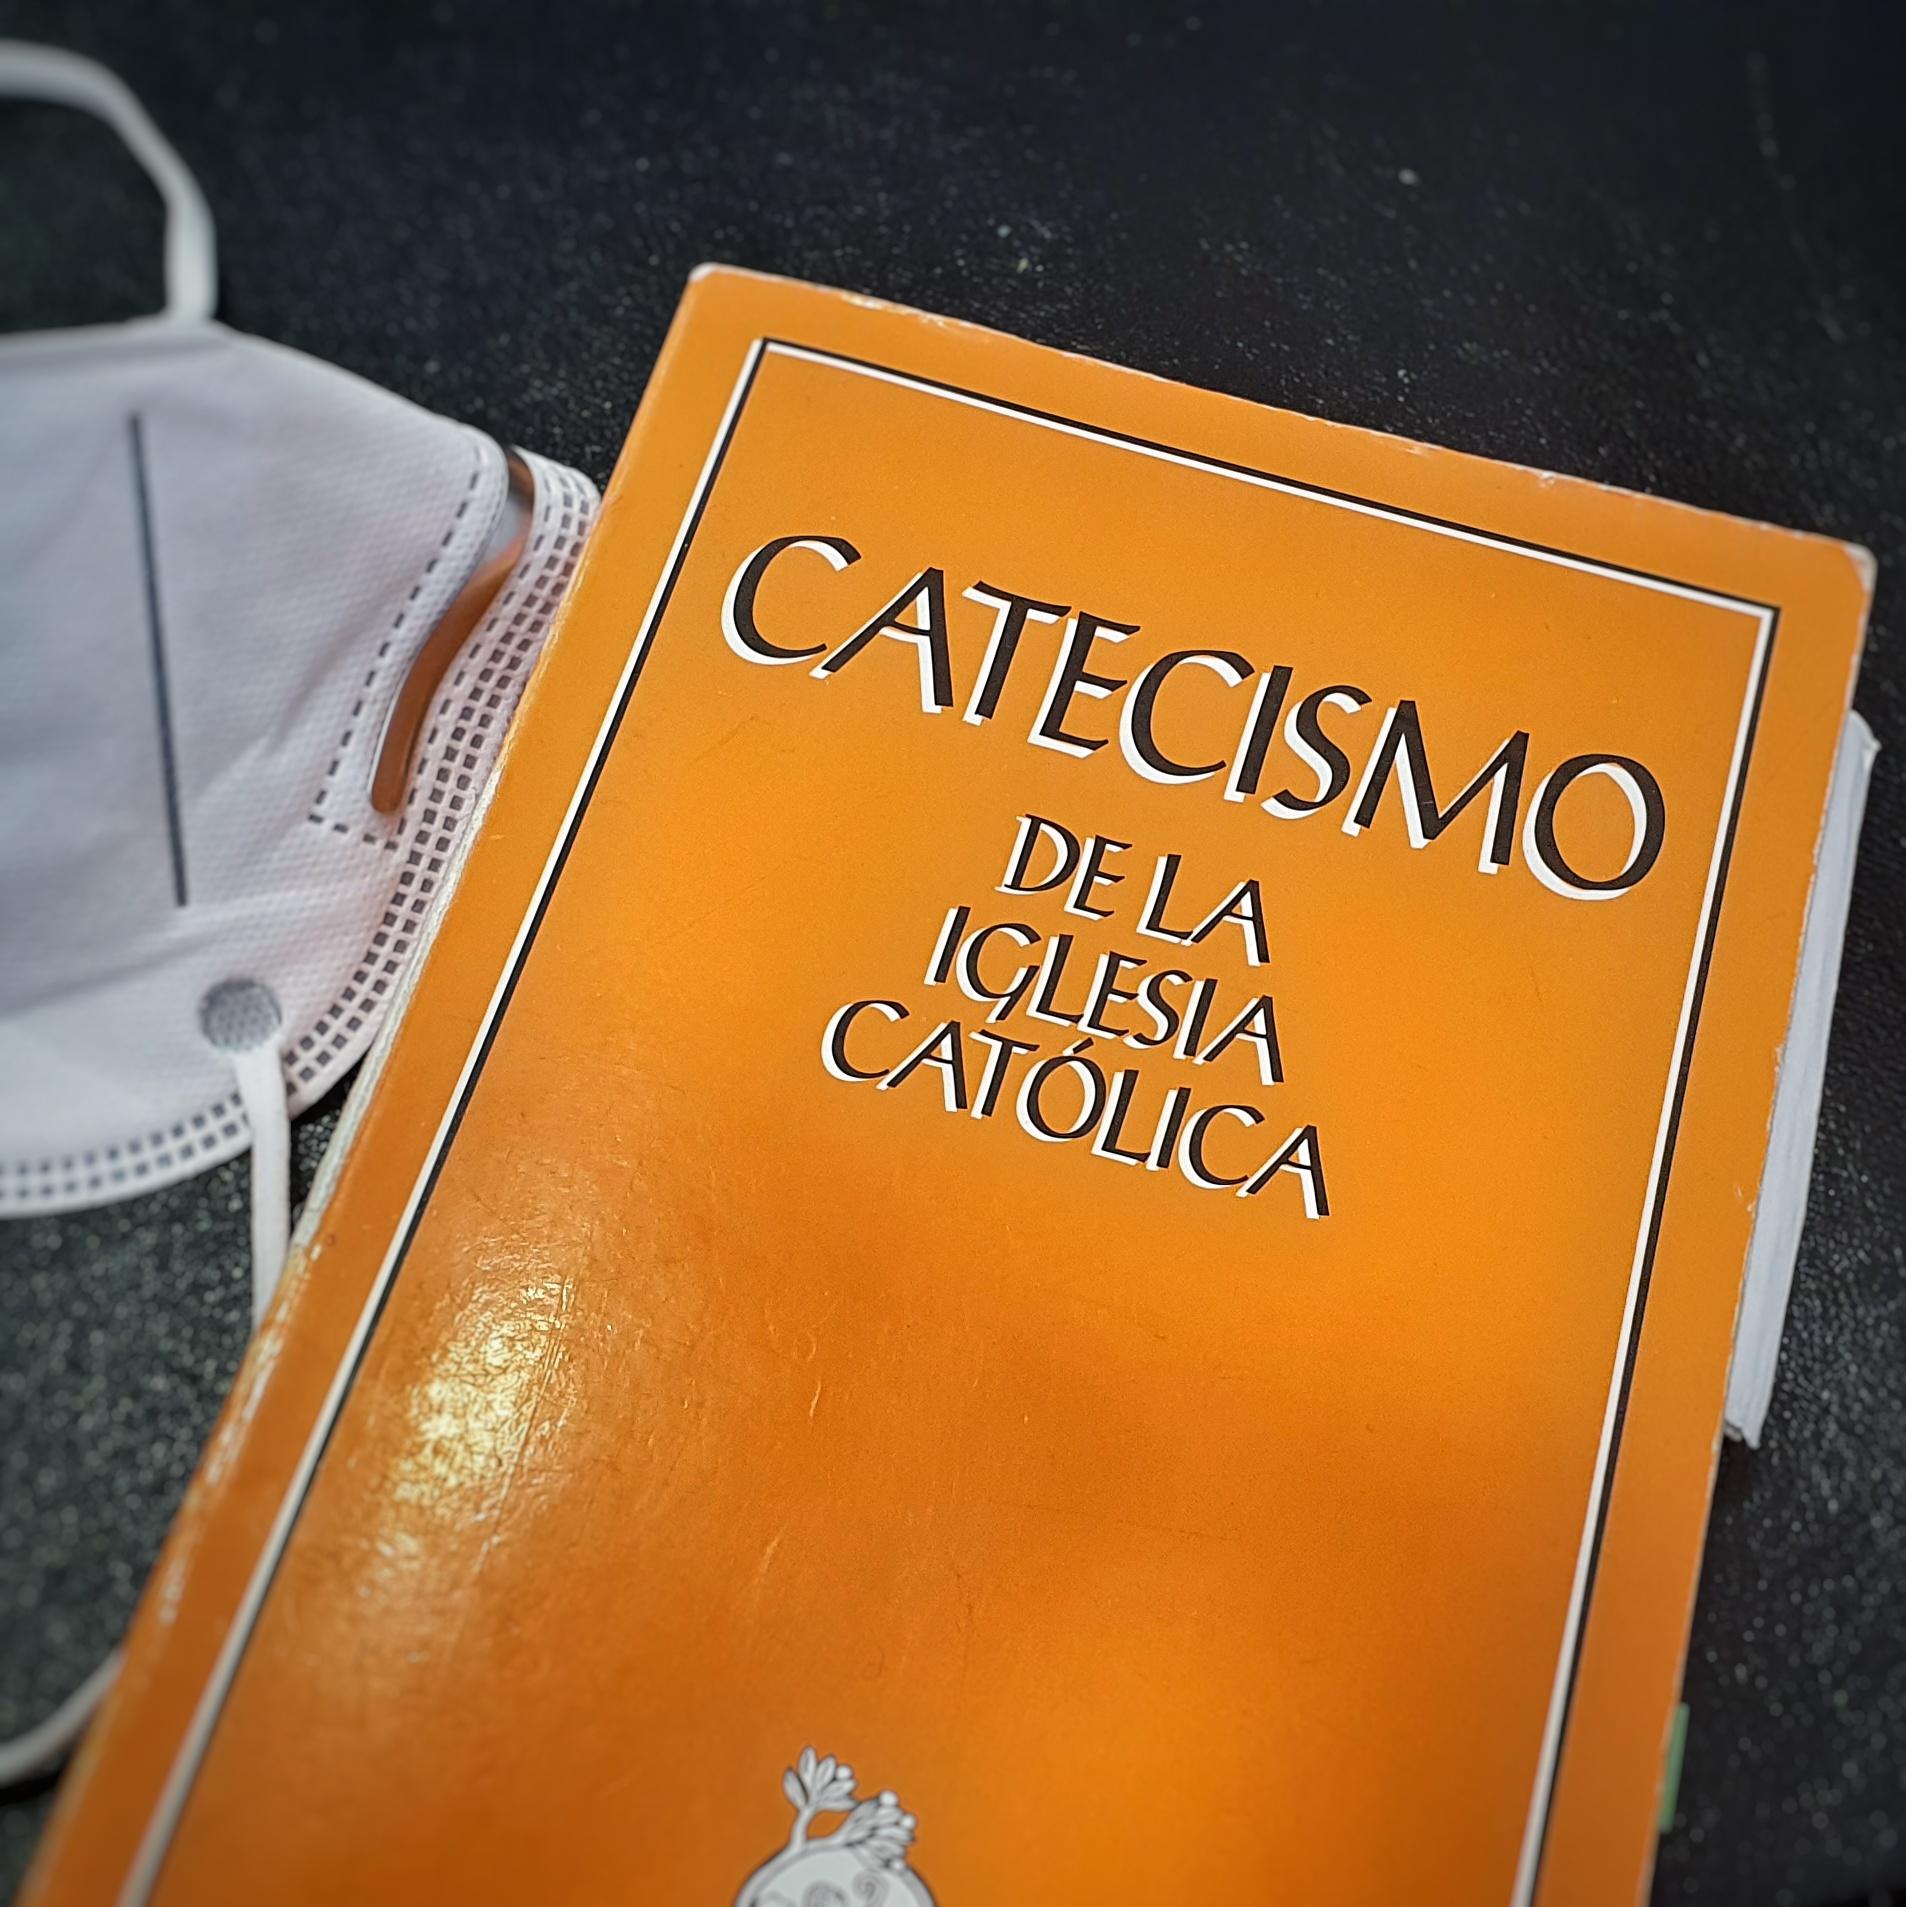 Catecismo online